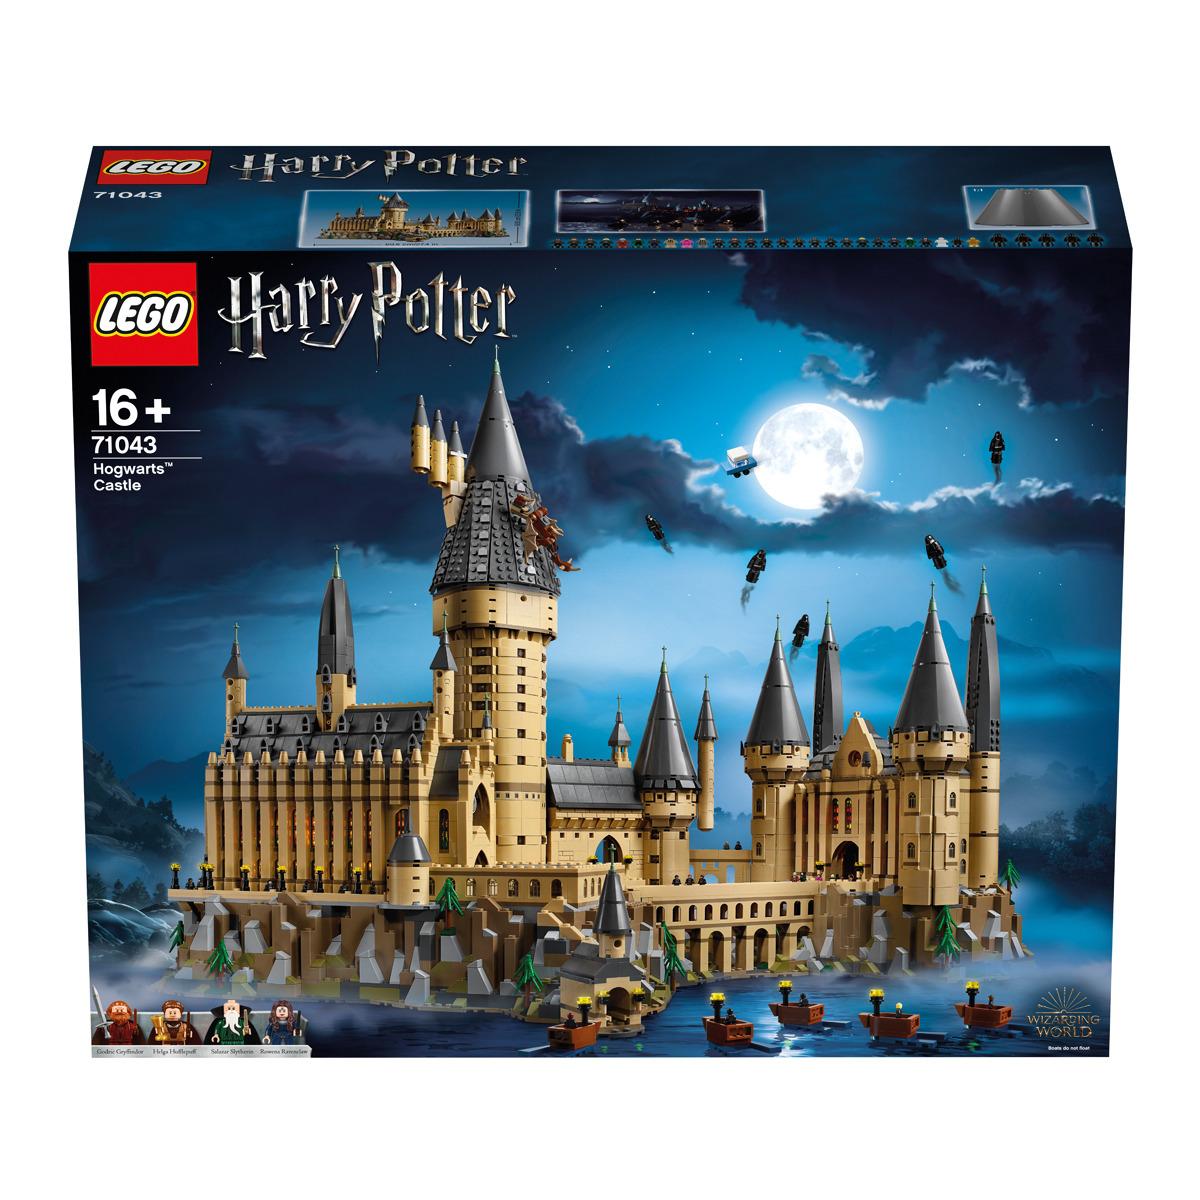 Jeu de construction Lego Harry Potter - Le château de Poudlard - 71043 (elcorteingles.es)